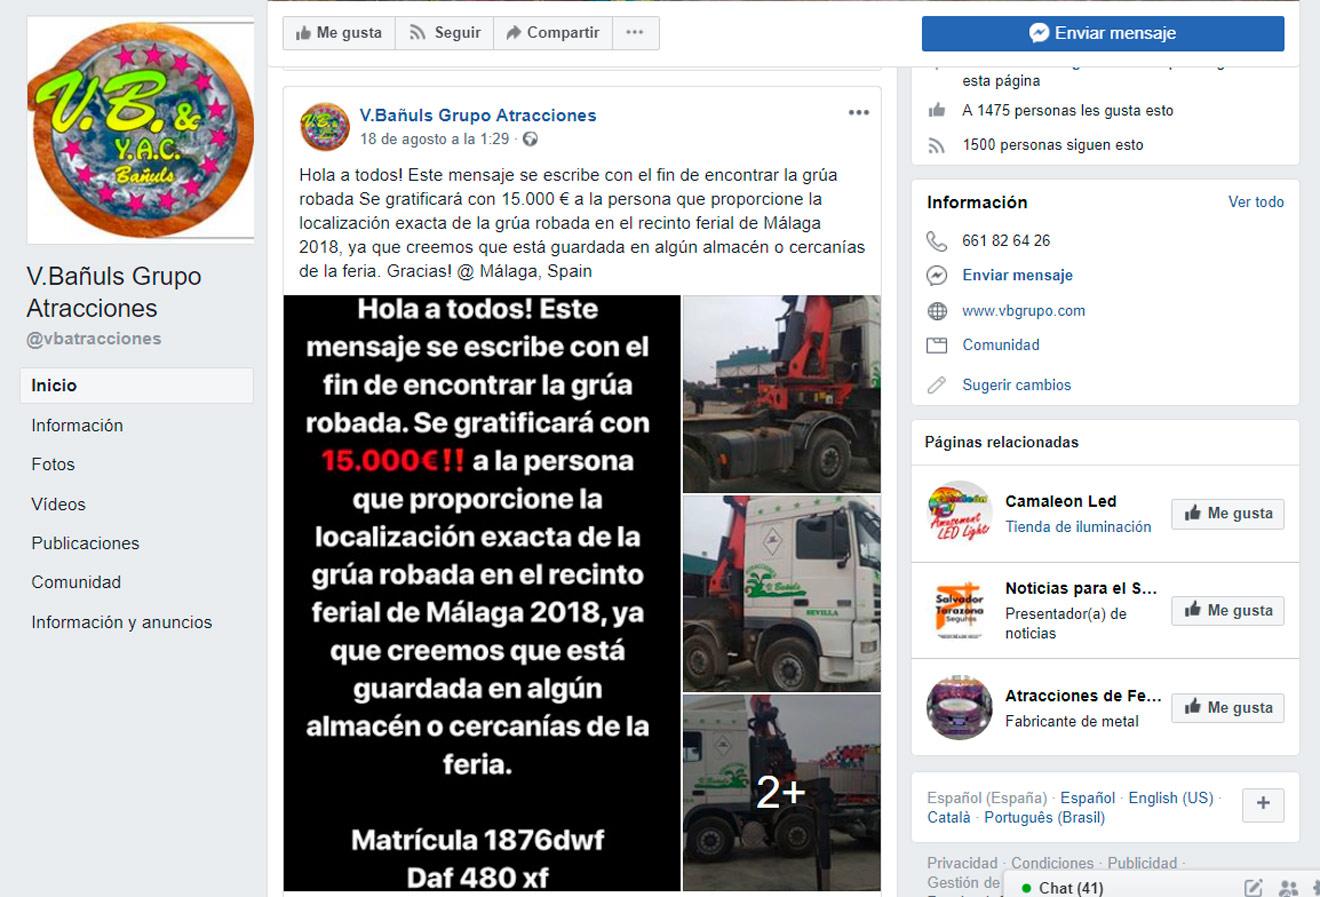 Post en FB sobre el camión robado /SA